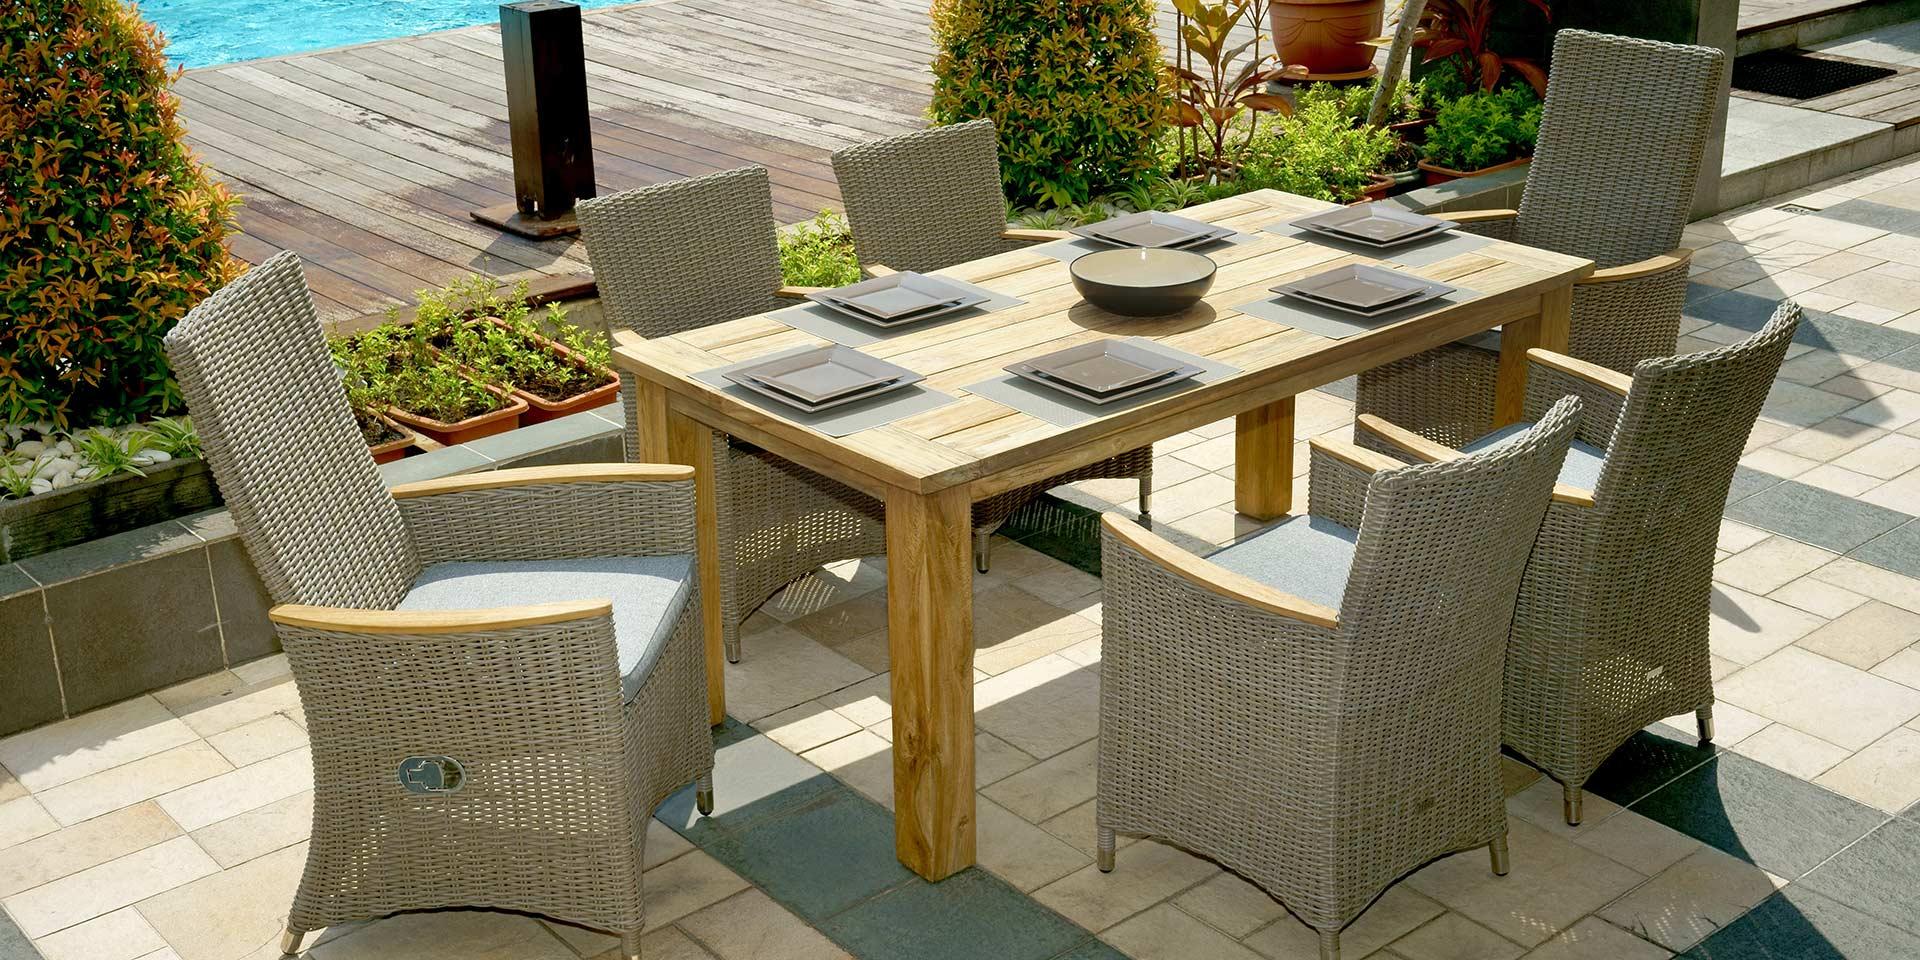 Einfache Dekoration Und Mobel Gartenmoebel Fuer Die Neue Saison #16: Gartenmöbel Für Den Perfekten Sommer